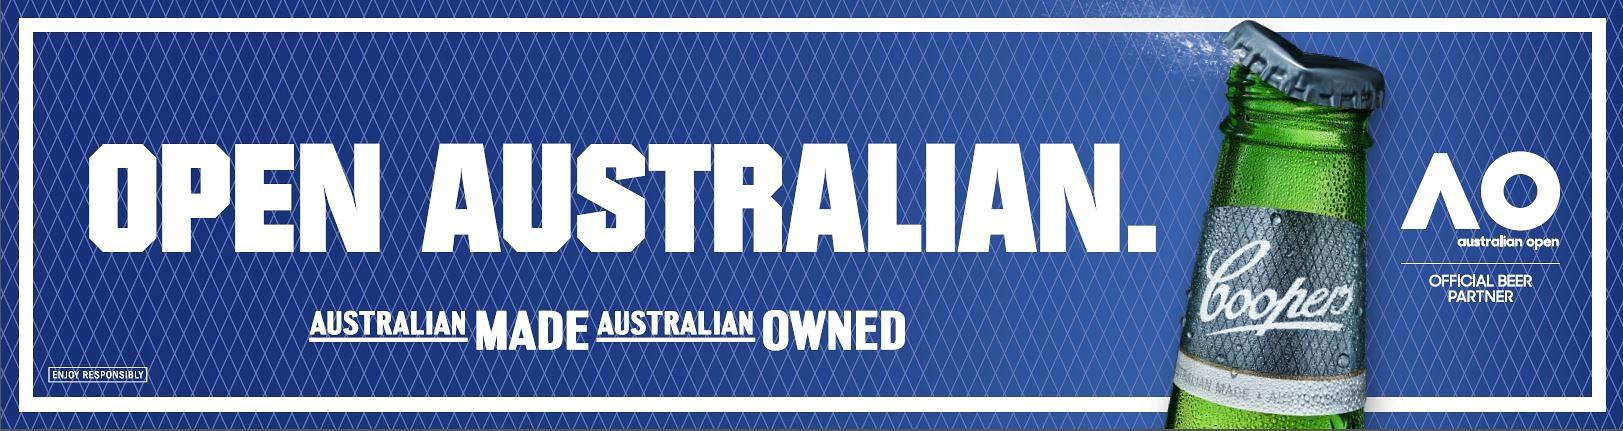 Image of Coopers Open Australian